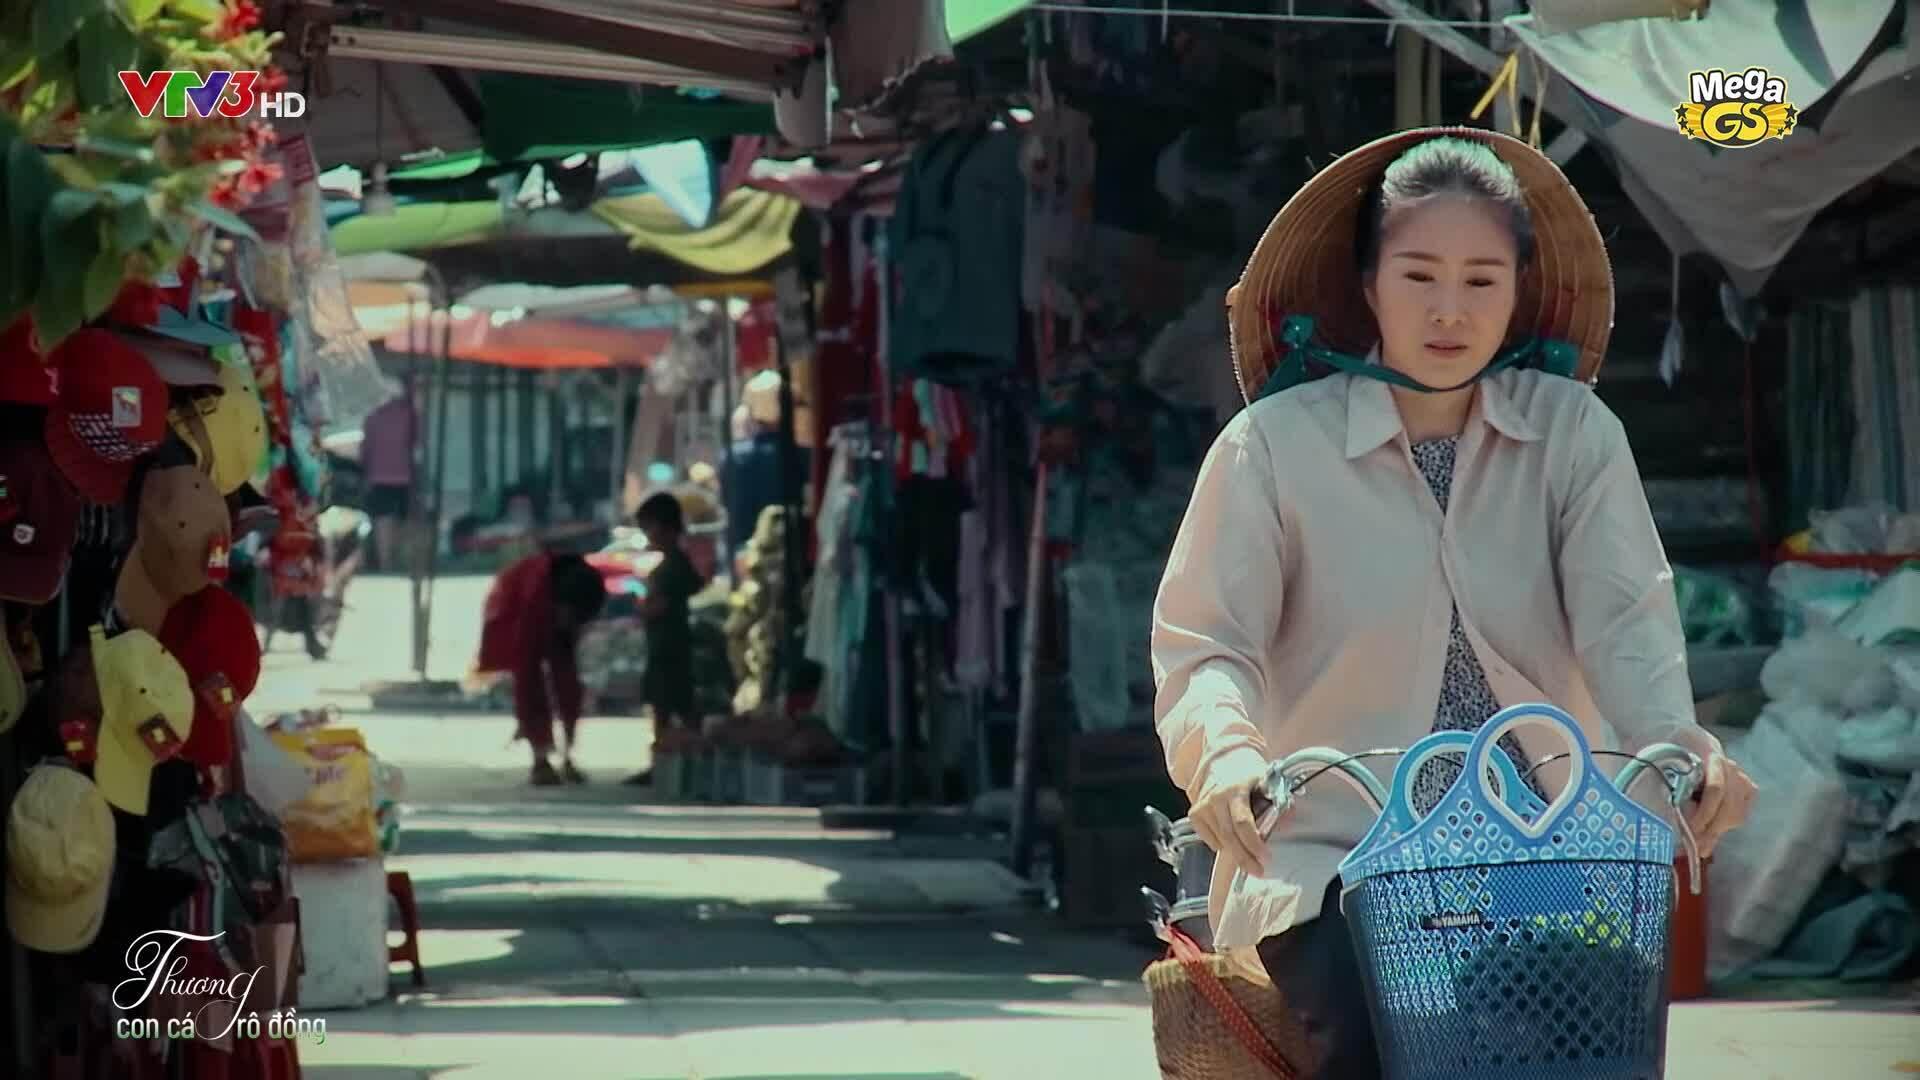 Trailer Thương con cá rô đồng